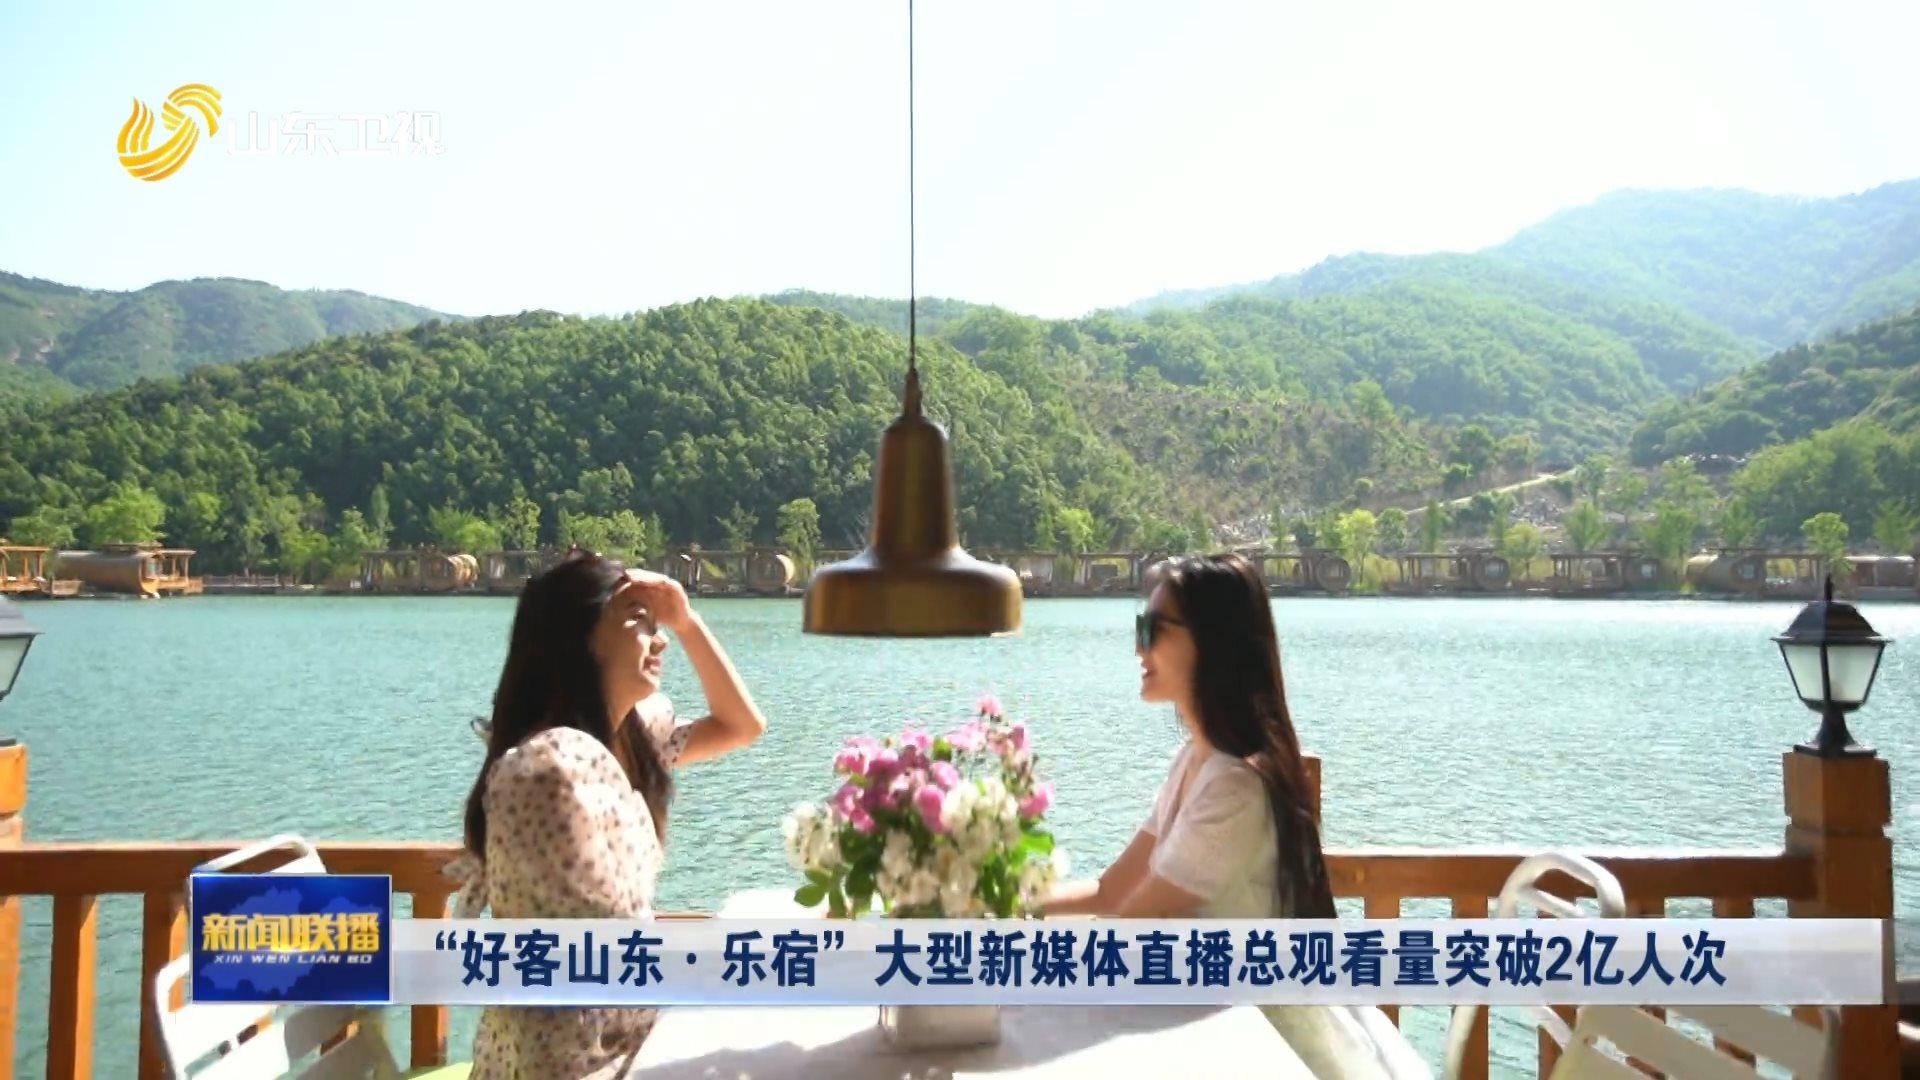 """""""好客山东·乐宿""""大型新媒体直播总观看量突破2亿人次"""